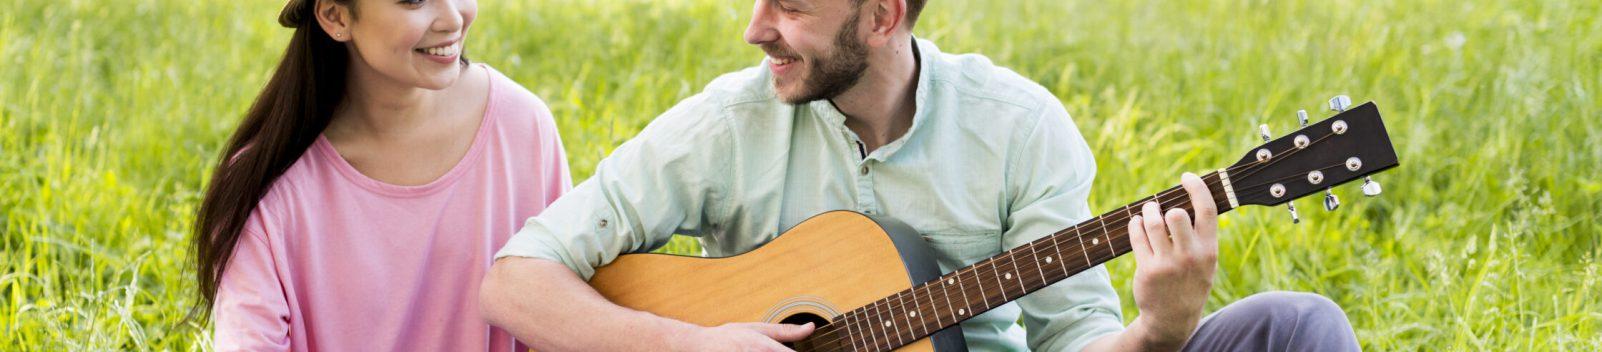 Background photo created by freepik - www.freepik.com